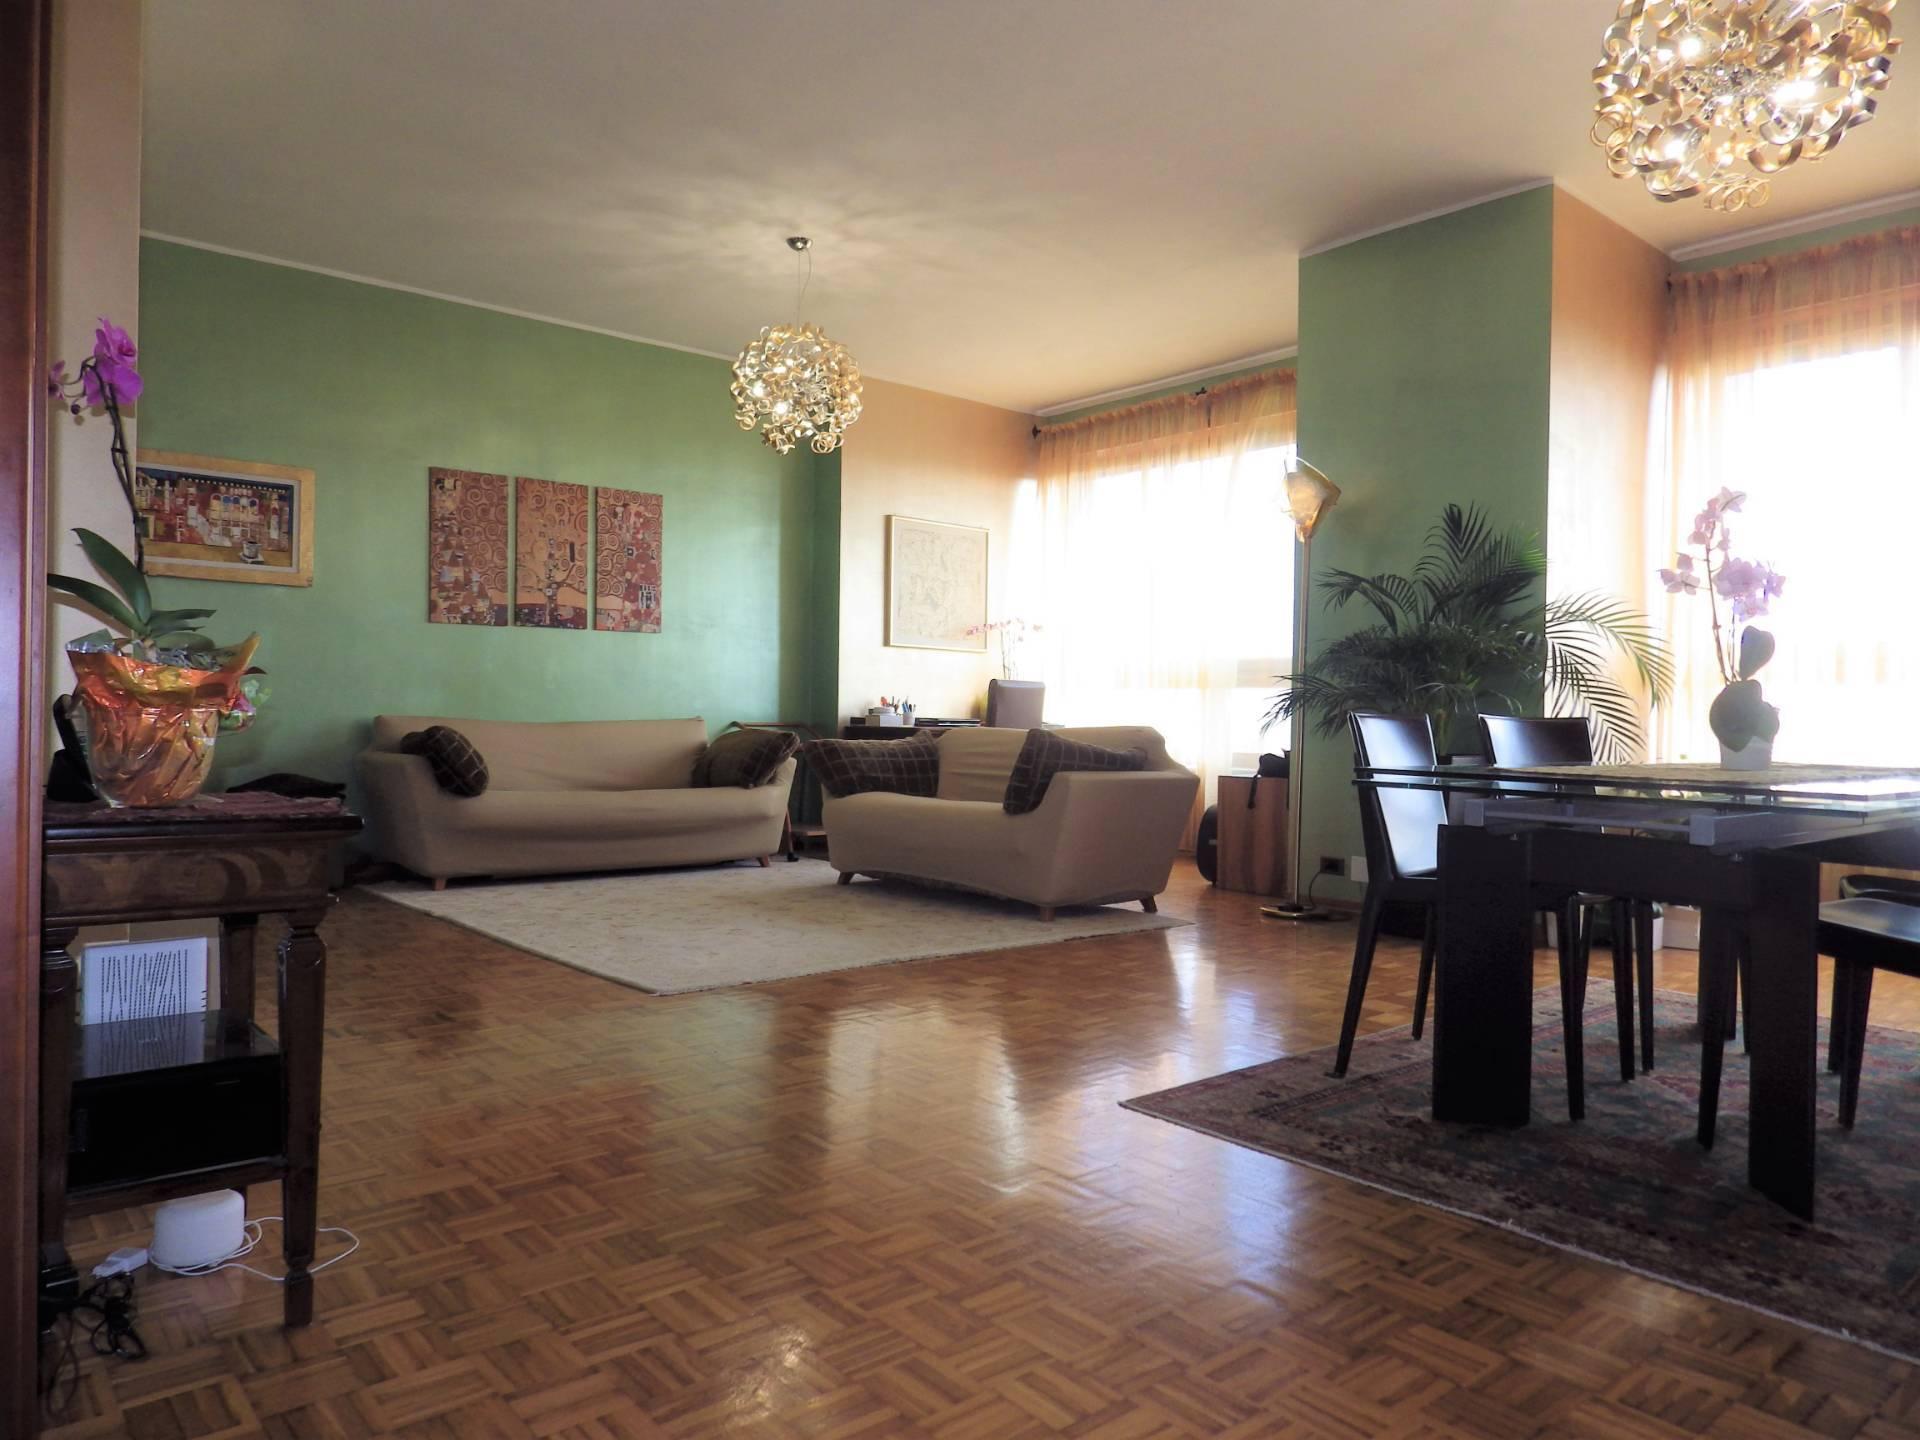 Appartamento in vendita a Beinasco, 4 locali, zona Zona: Borgaretto, prezzo € 228.000 | CambioCasa.it